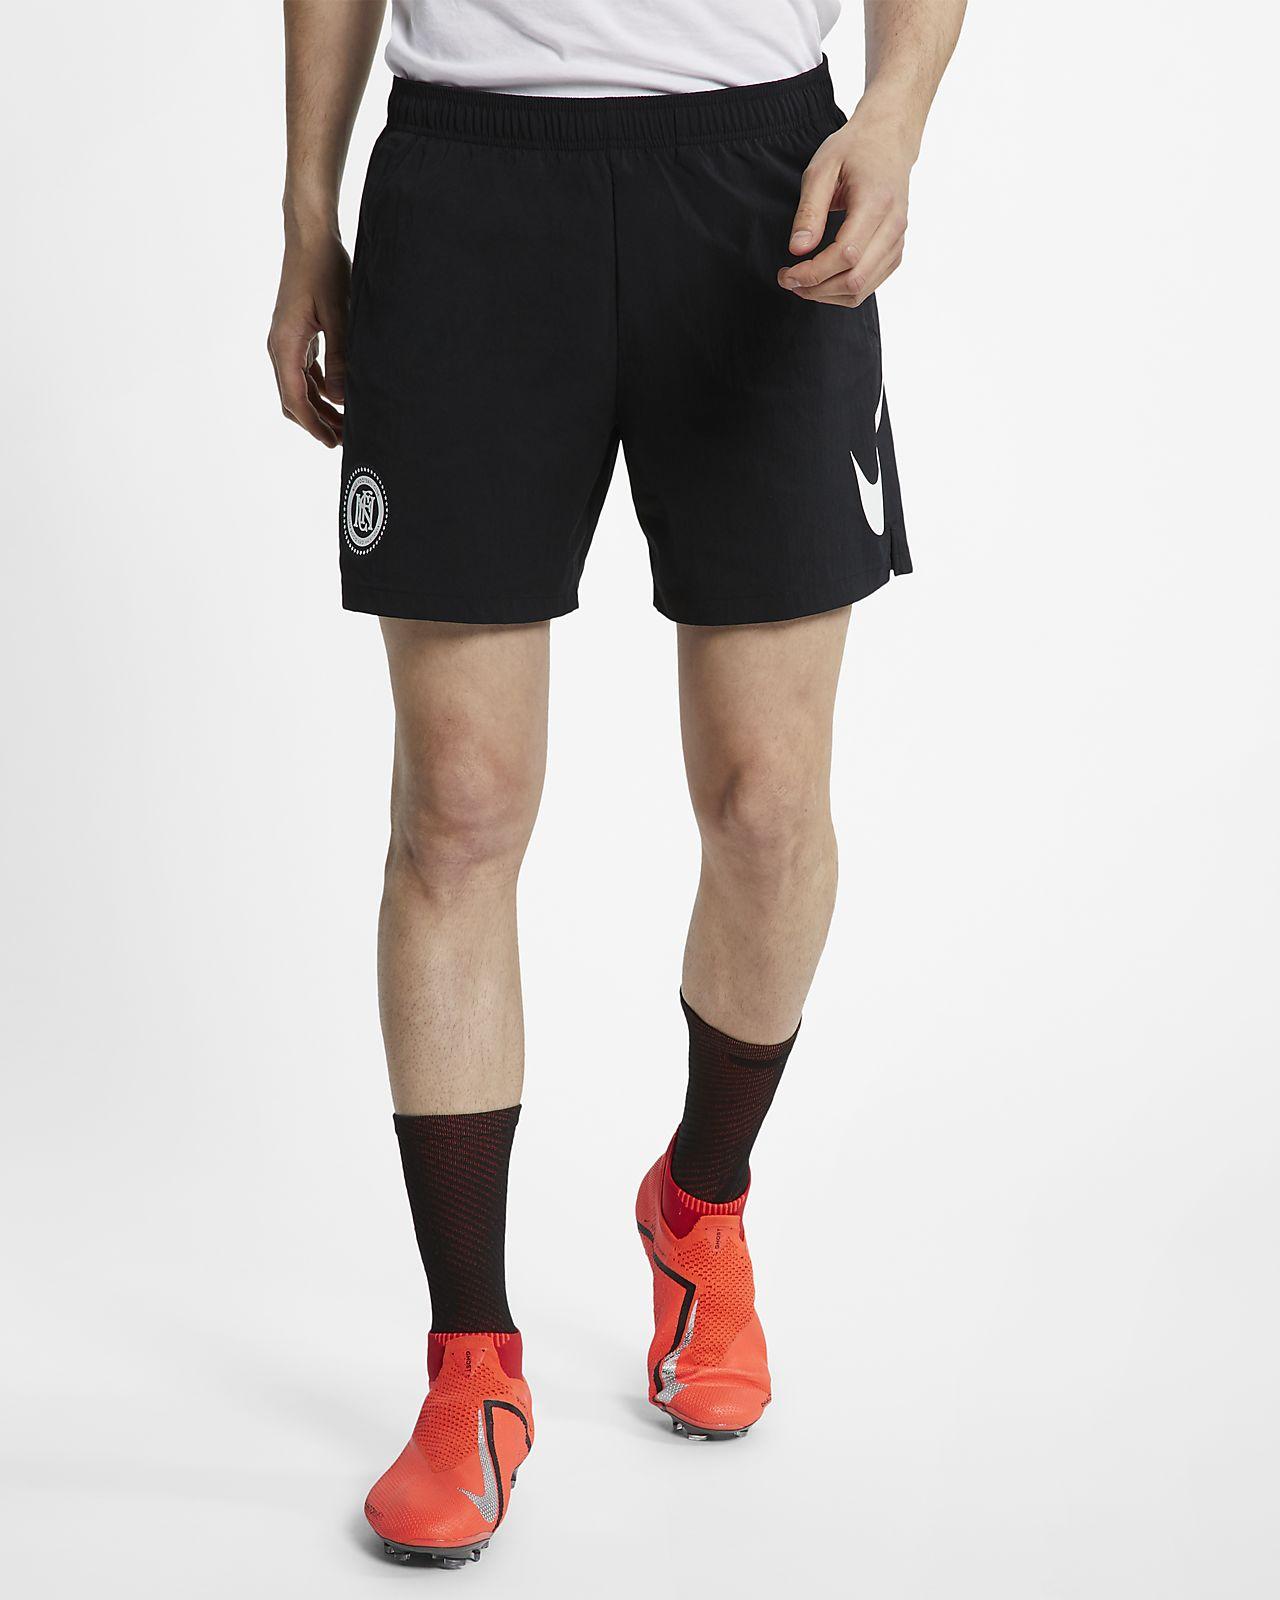 Nike F.C. 男子足球短裤